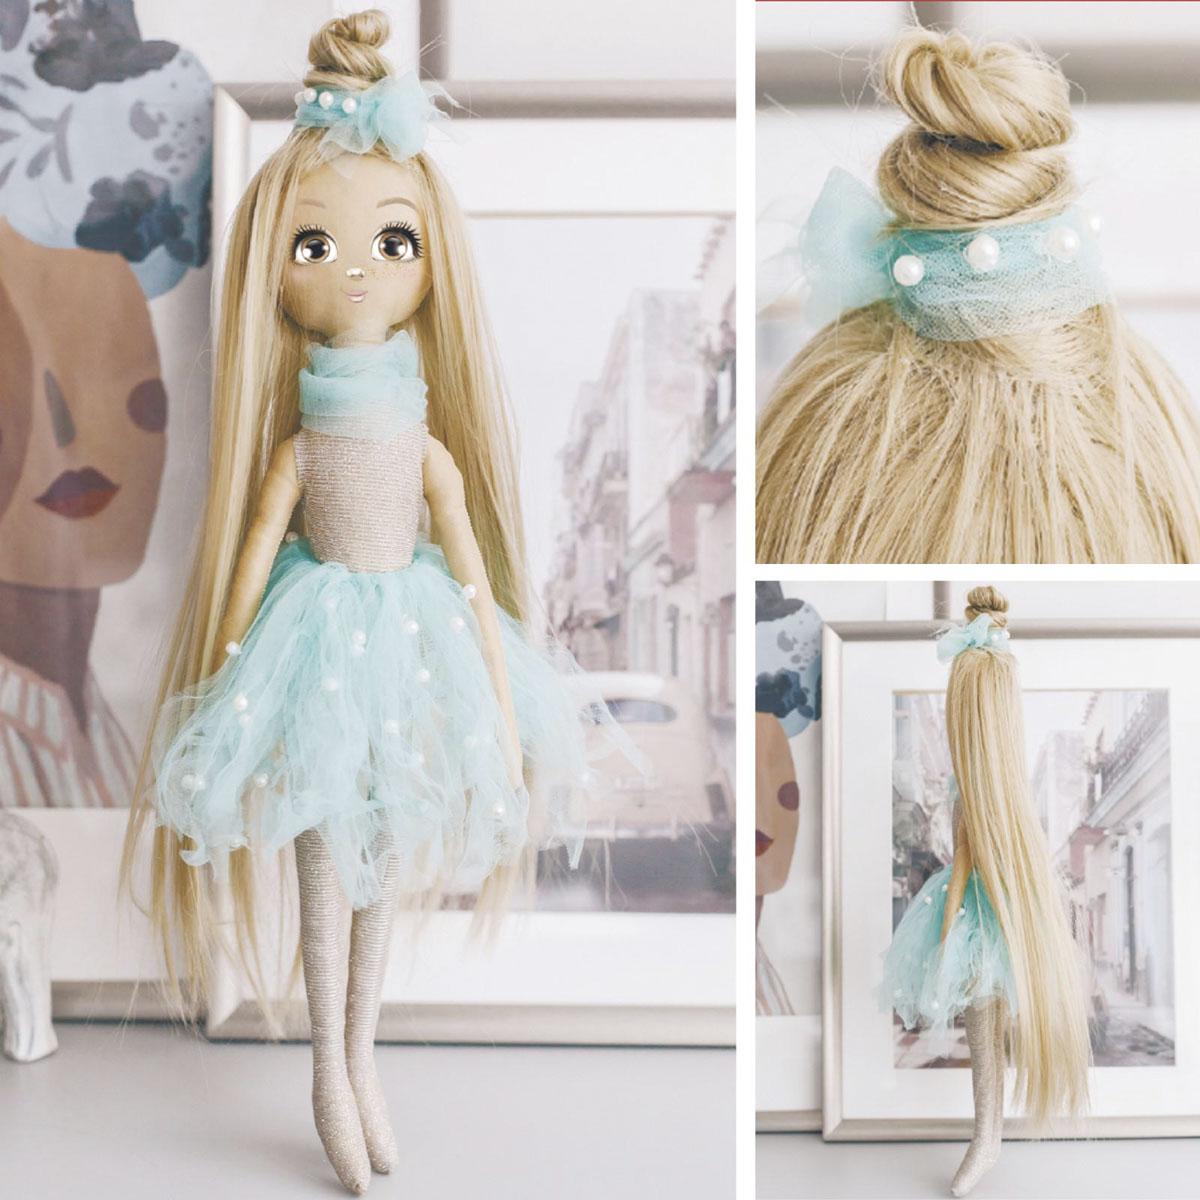 5376782 Интерьерная кукла 'Тиффани', набор для шитья 21*0,5*29,7 см